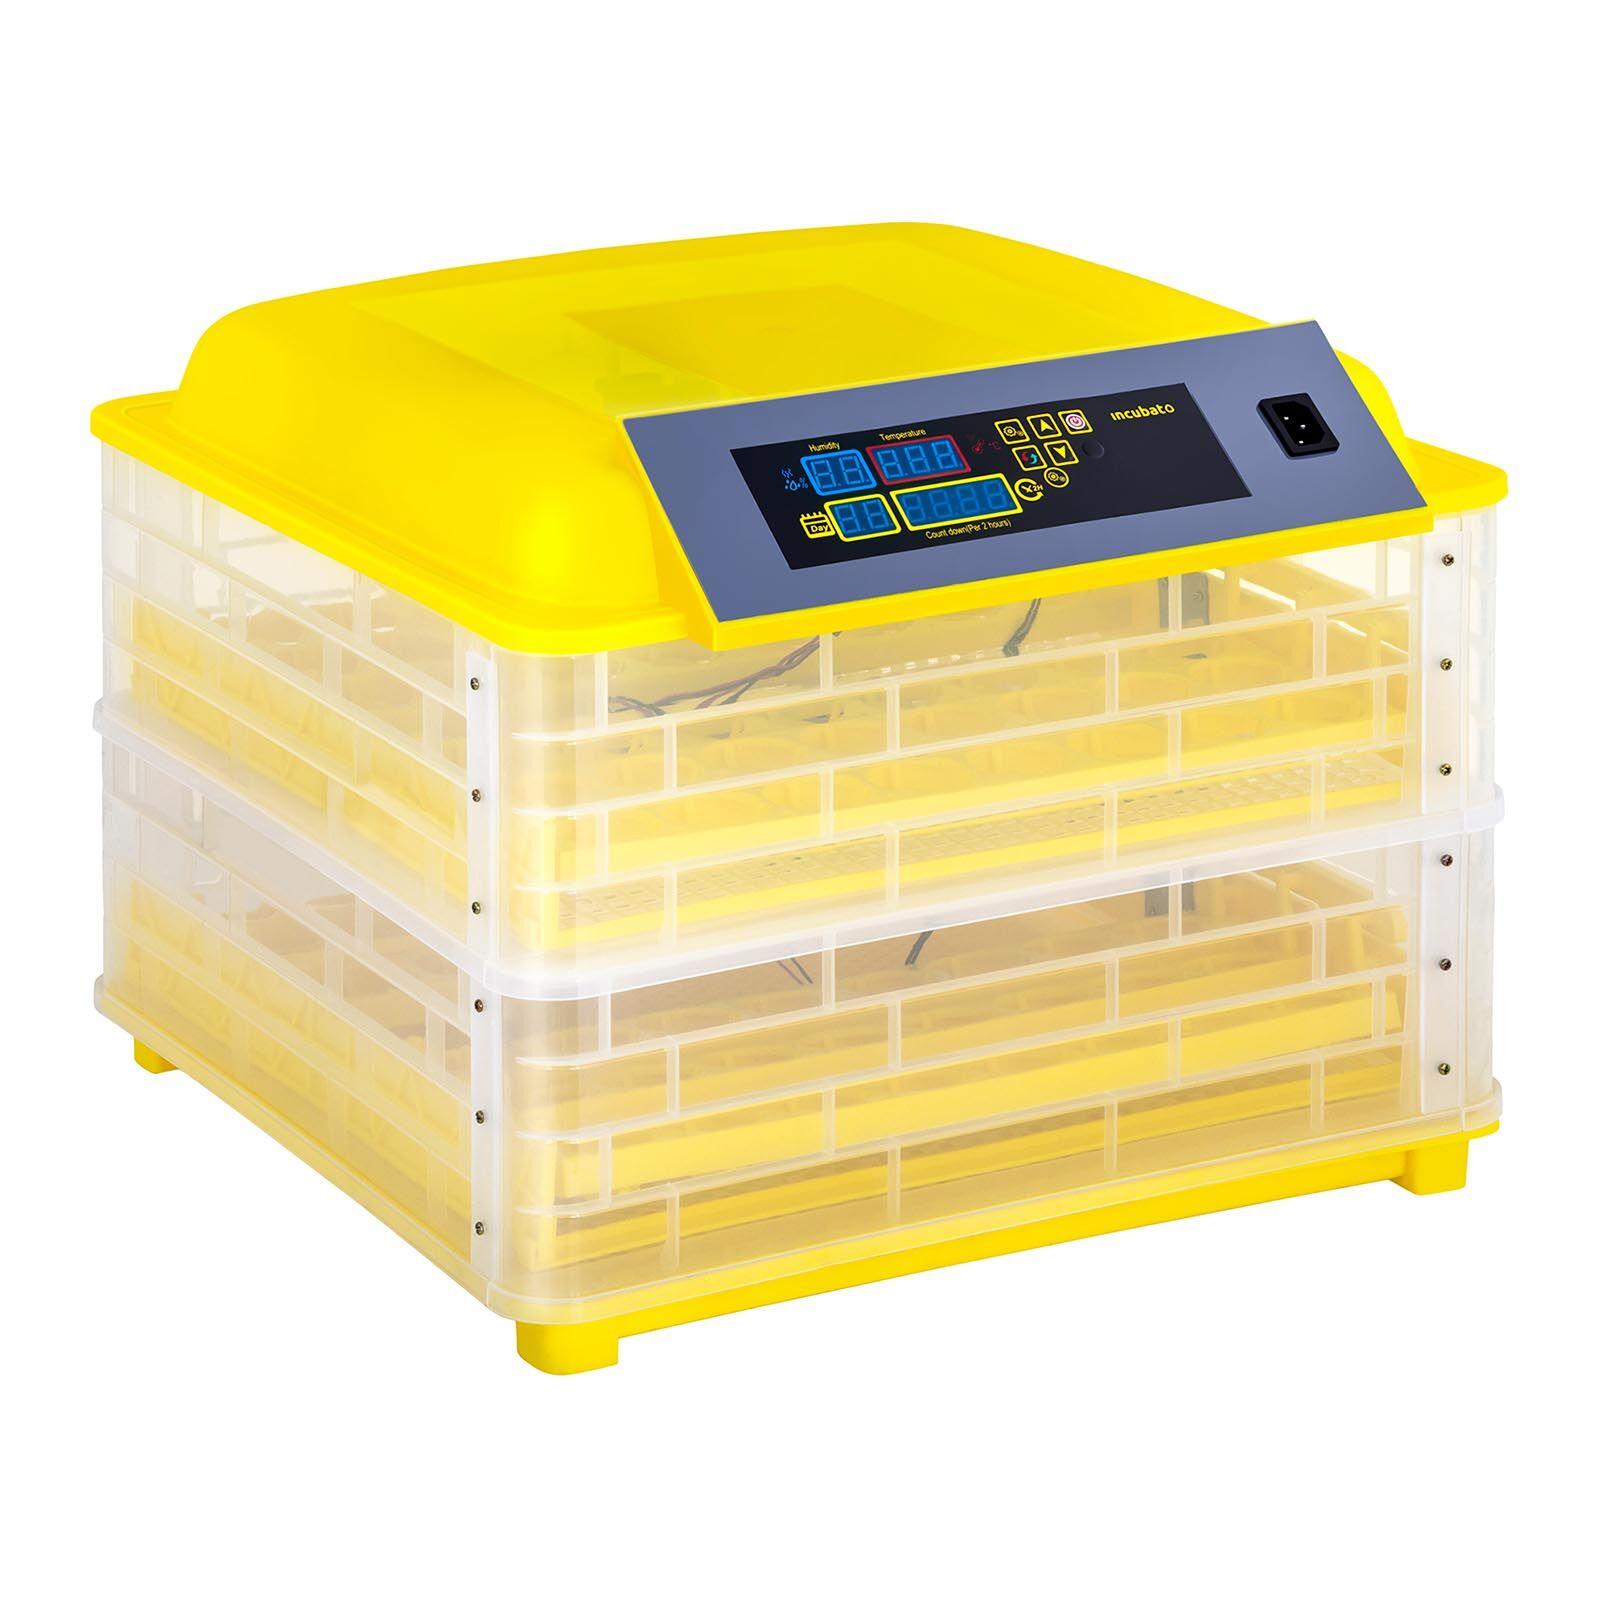 incubato Incubatrice per uova professionale - 96 uova - lampada sperauova inclusa - completamente automatica IN-96DDI